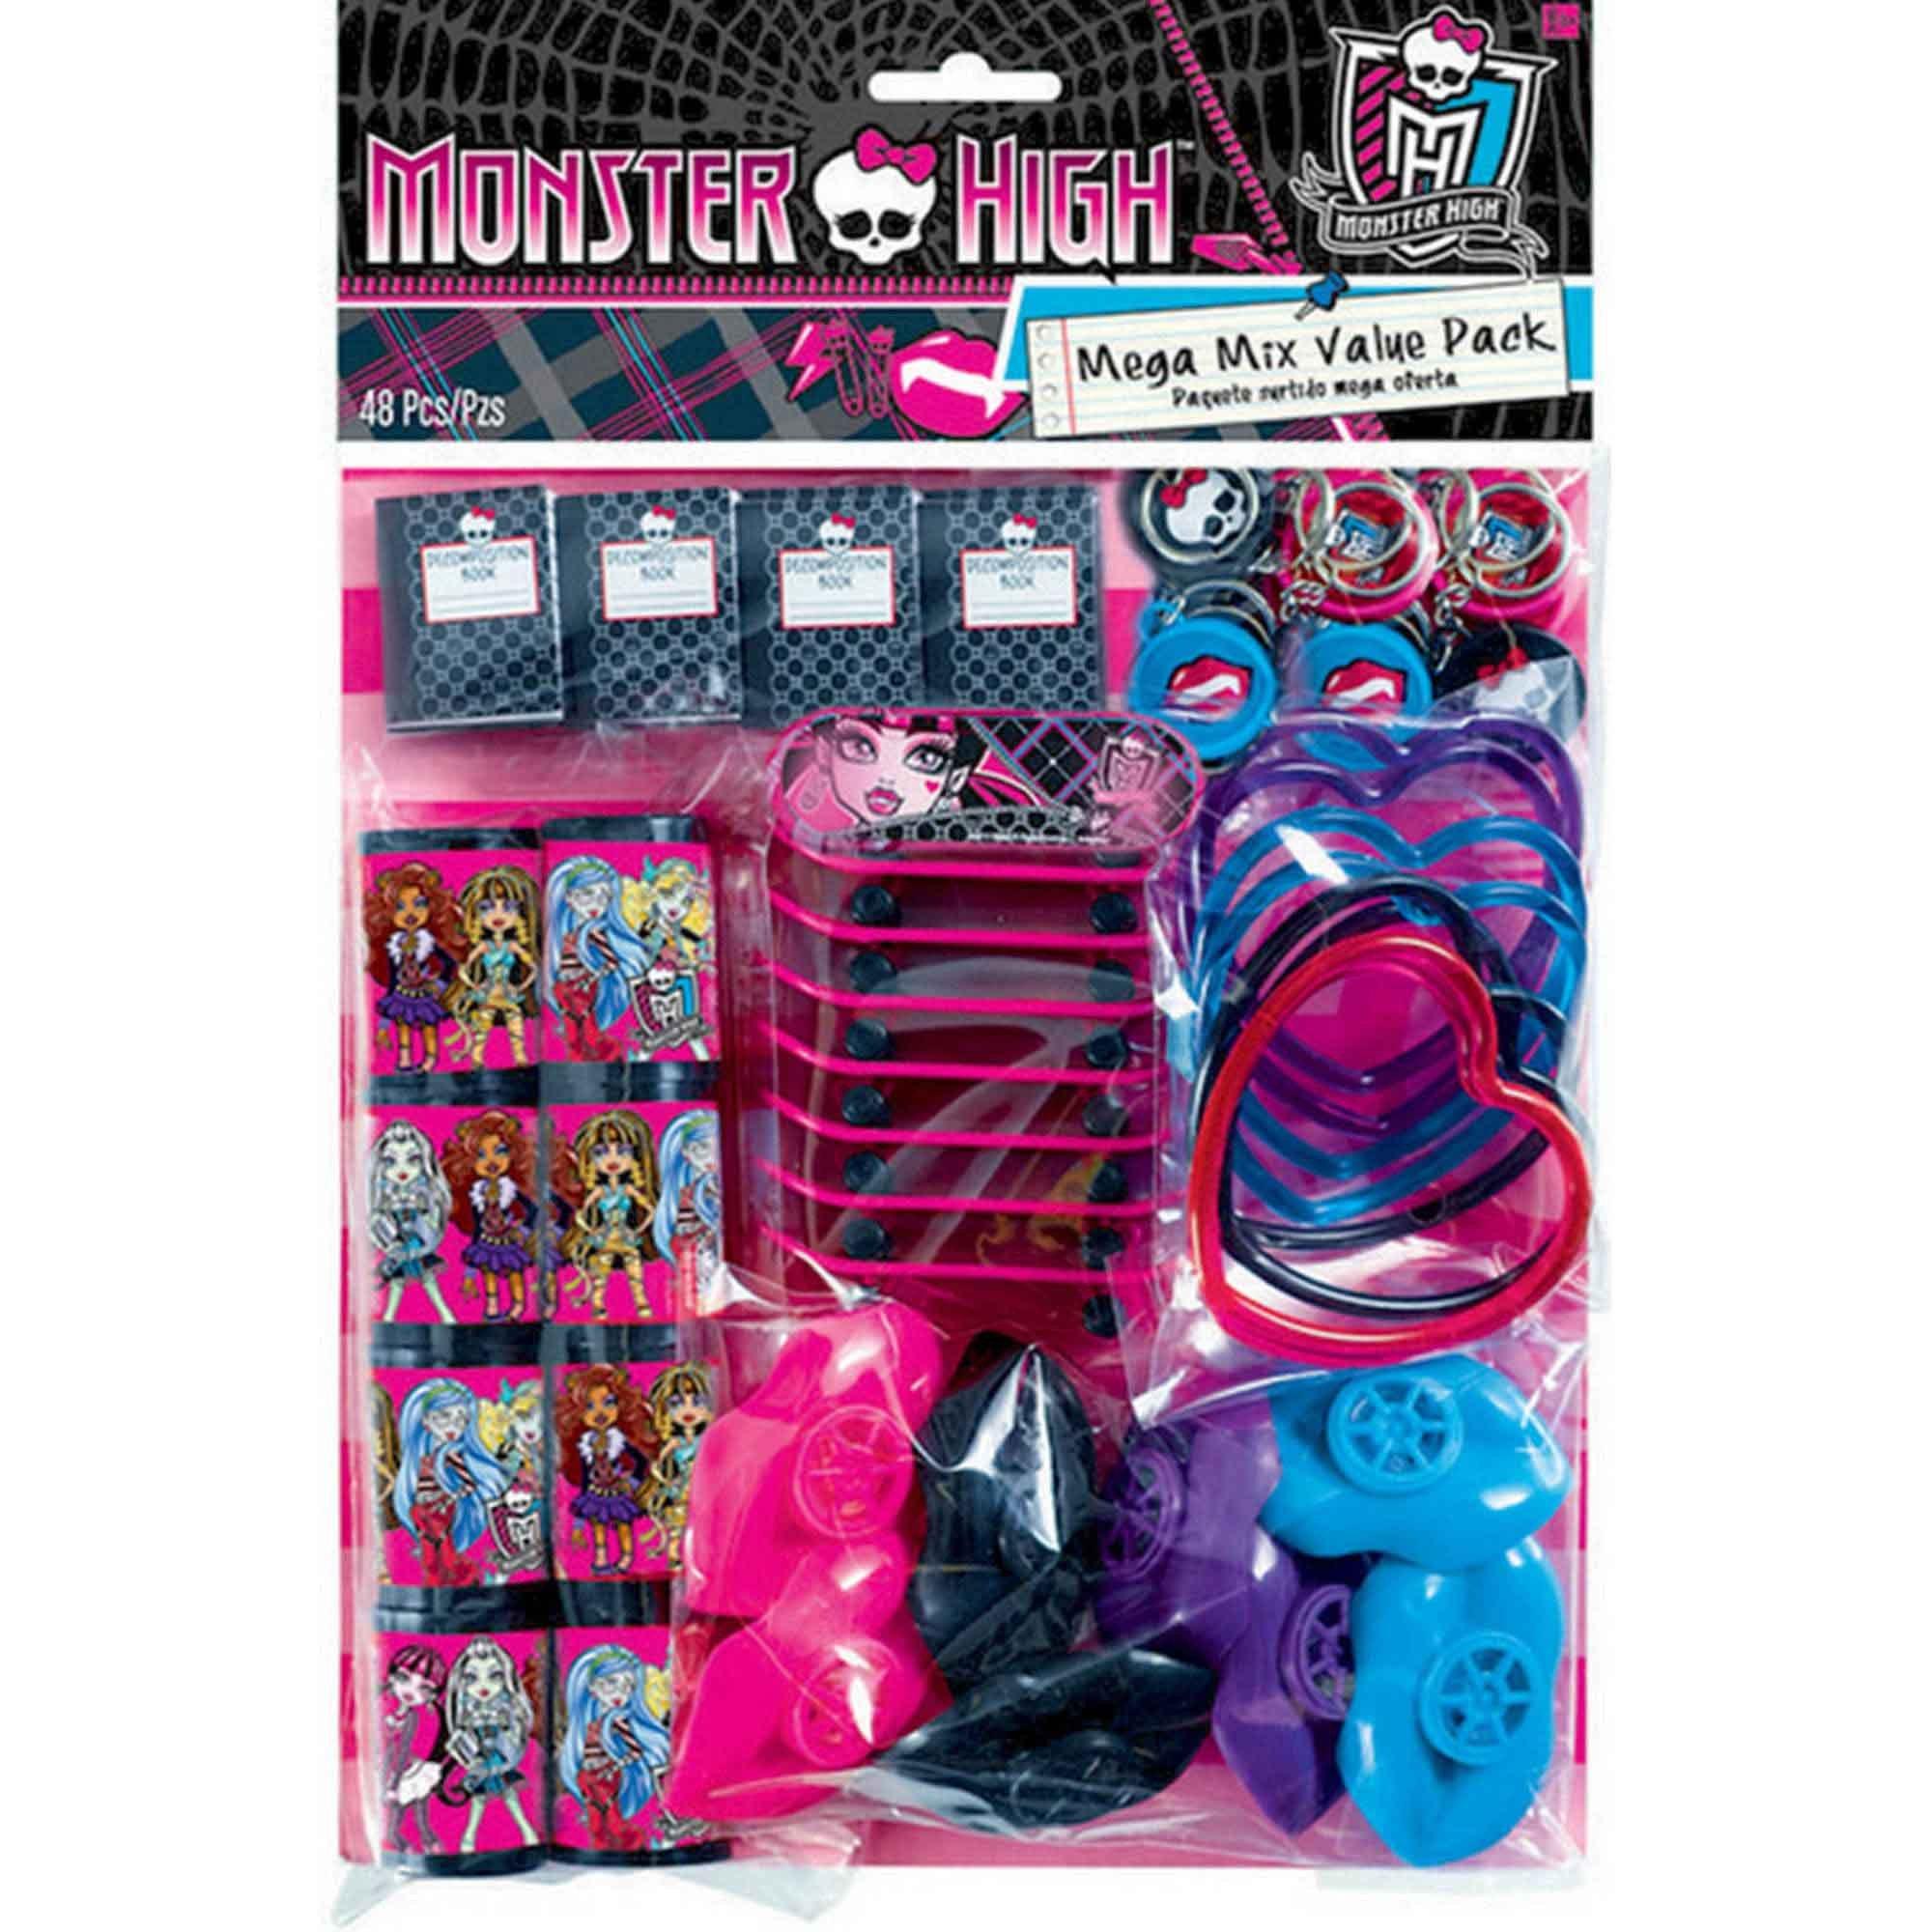 Monster High Mega Mix Value Pack Favors